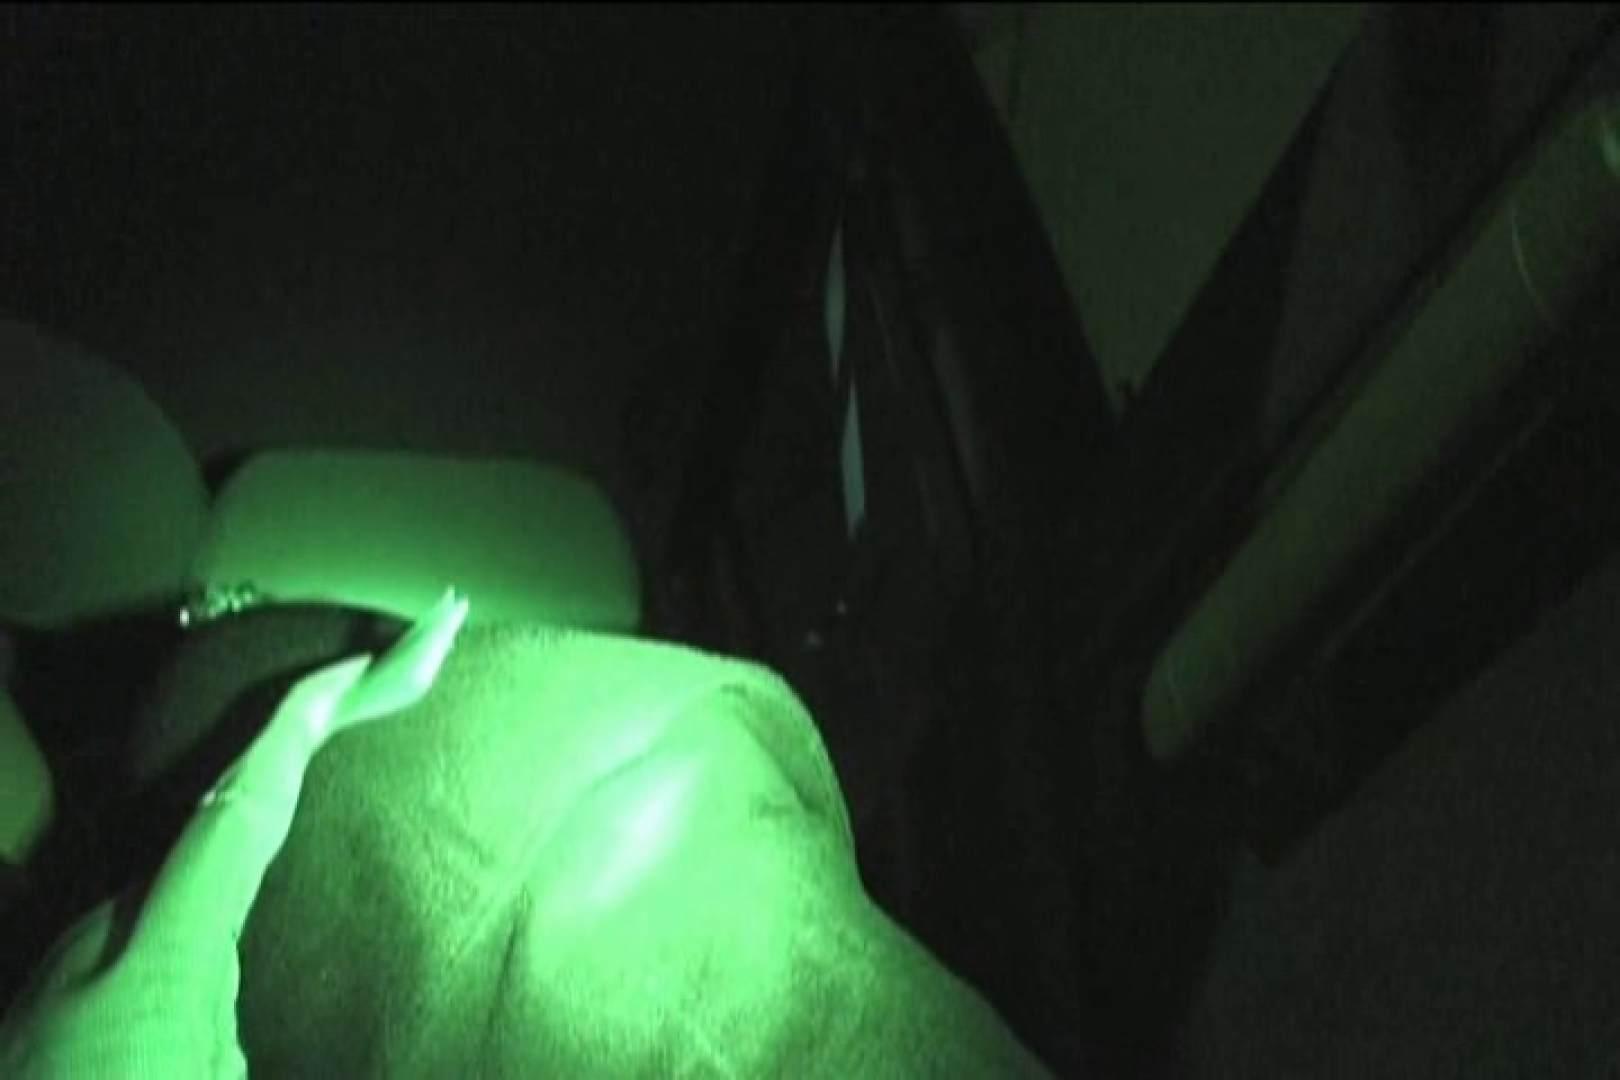 車内で初めまして! vol03 綺麗なOLたち われめAV動画紹介 94枚 74